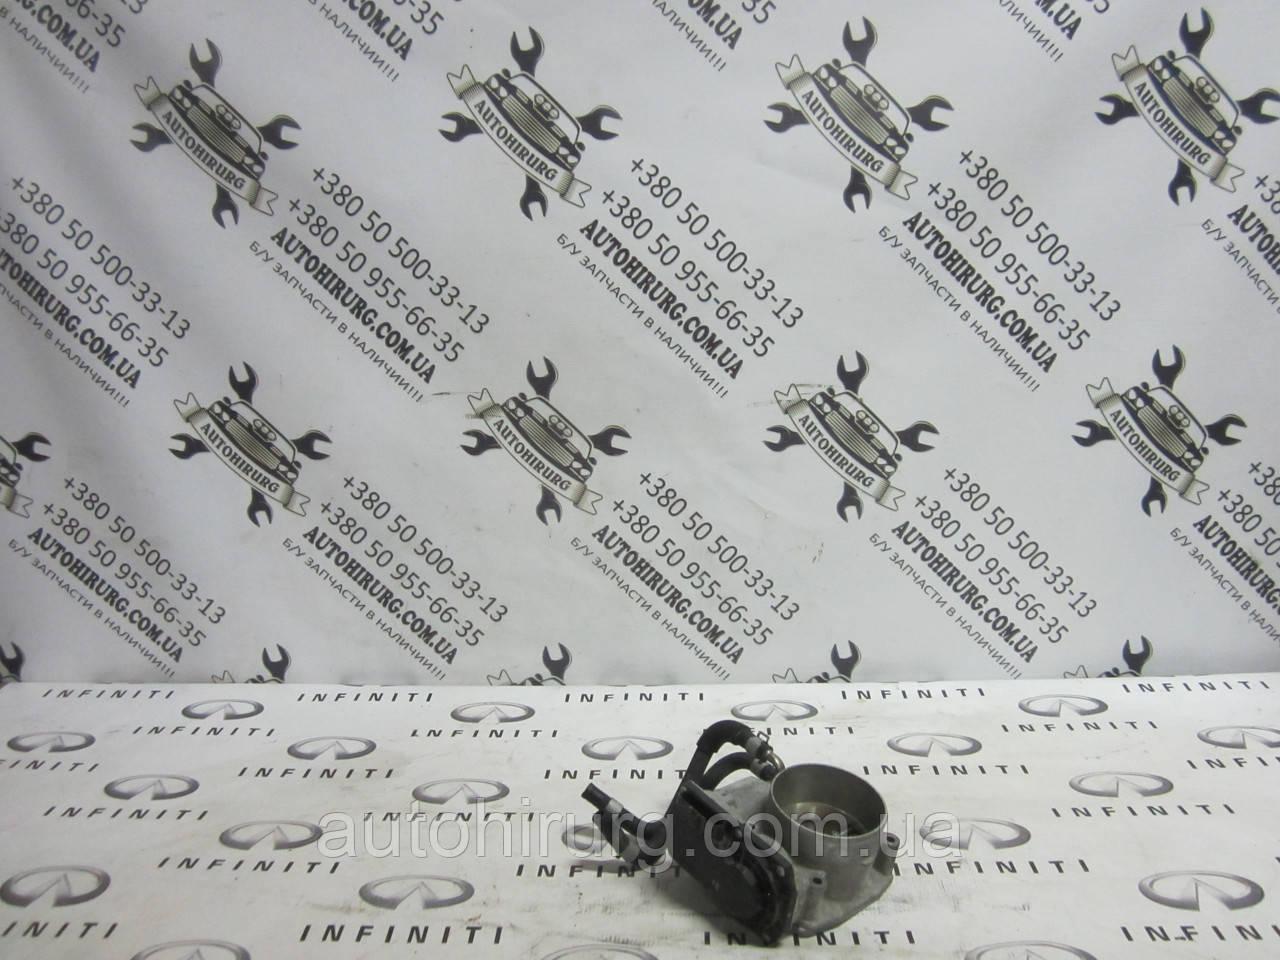 Дроссельная заслонка Infiniti Qx56 / Qx80 - Z62, фото 1